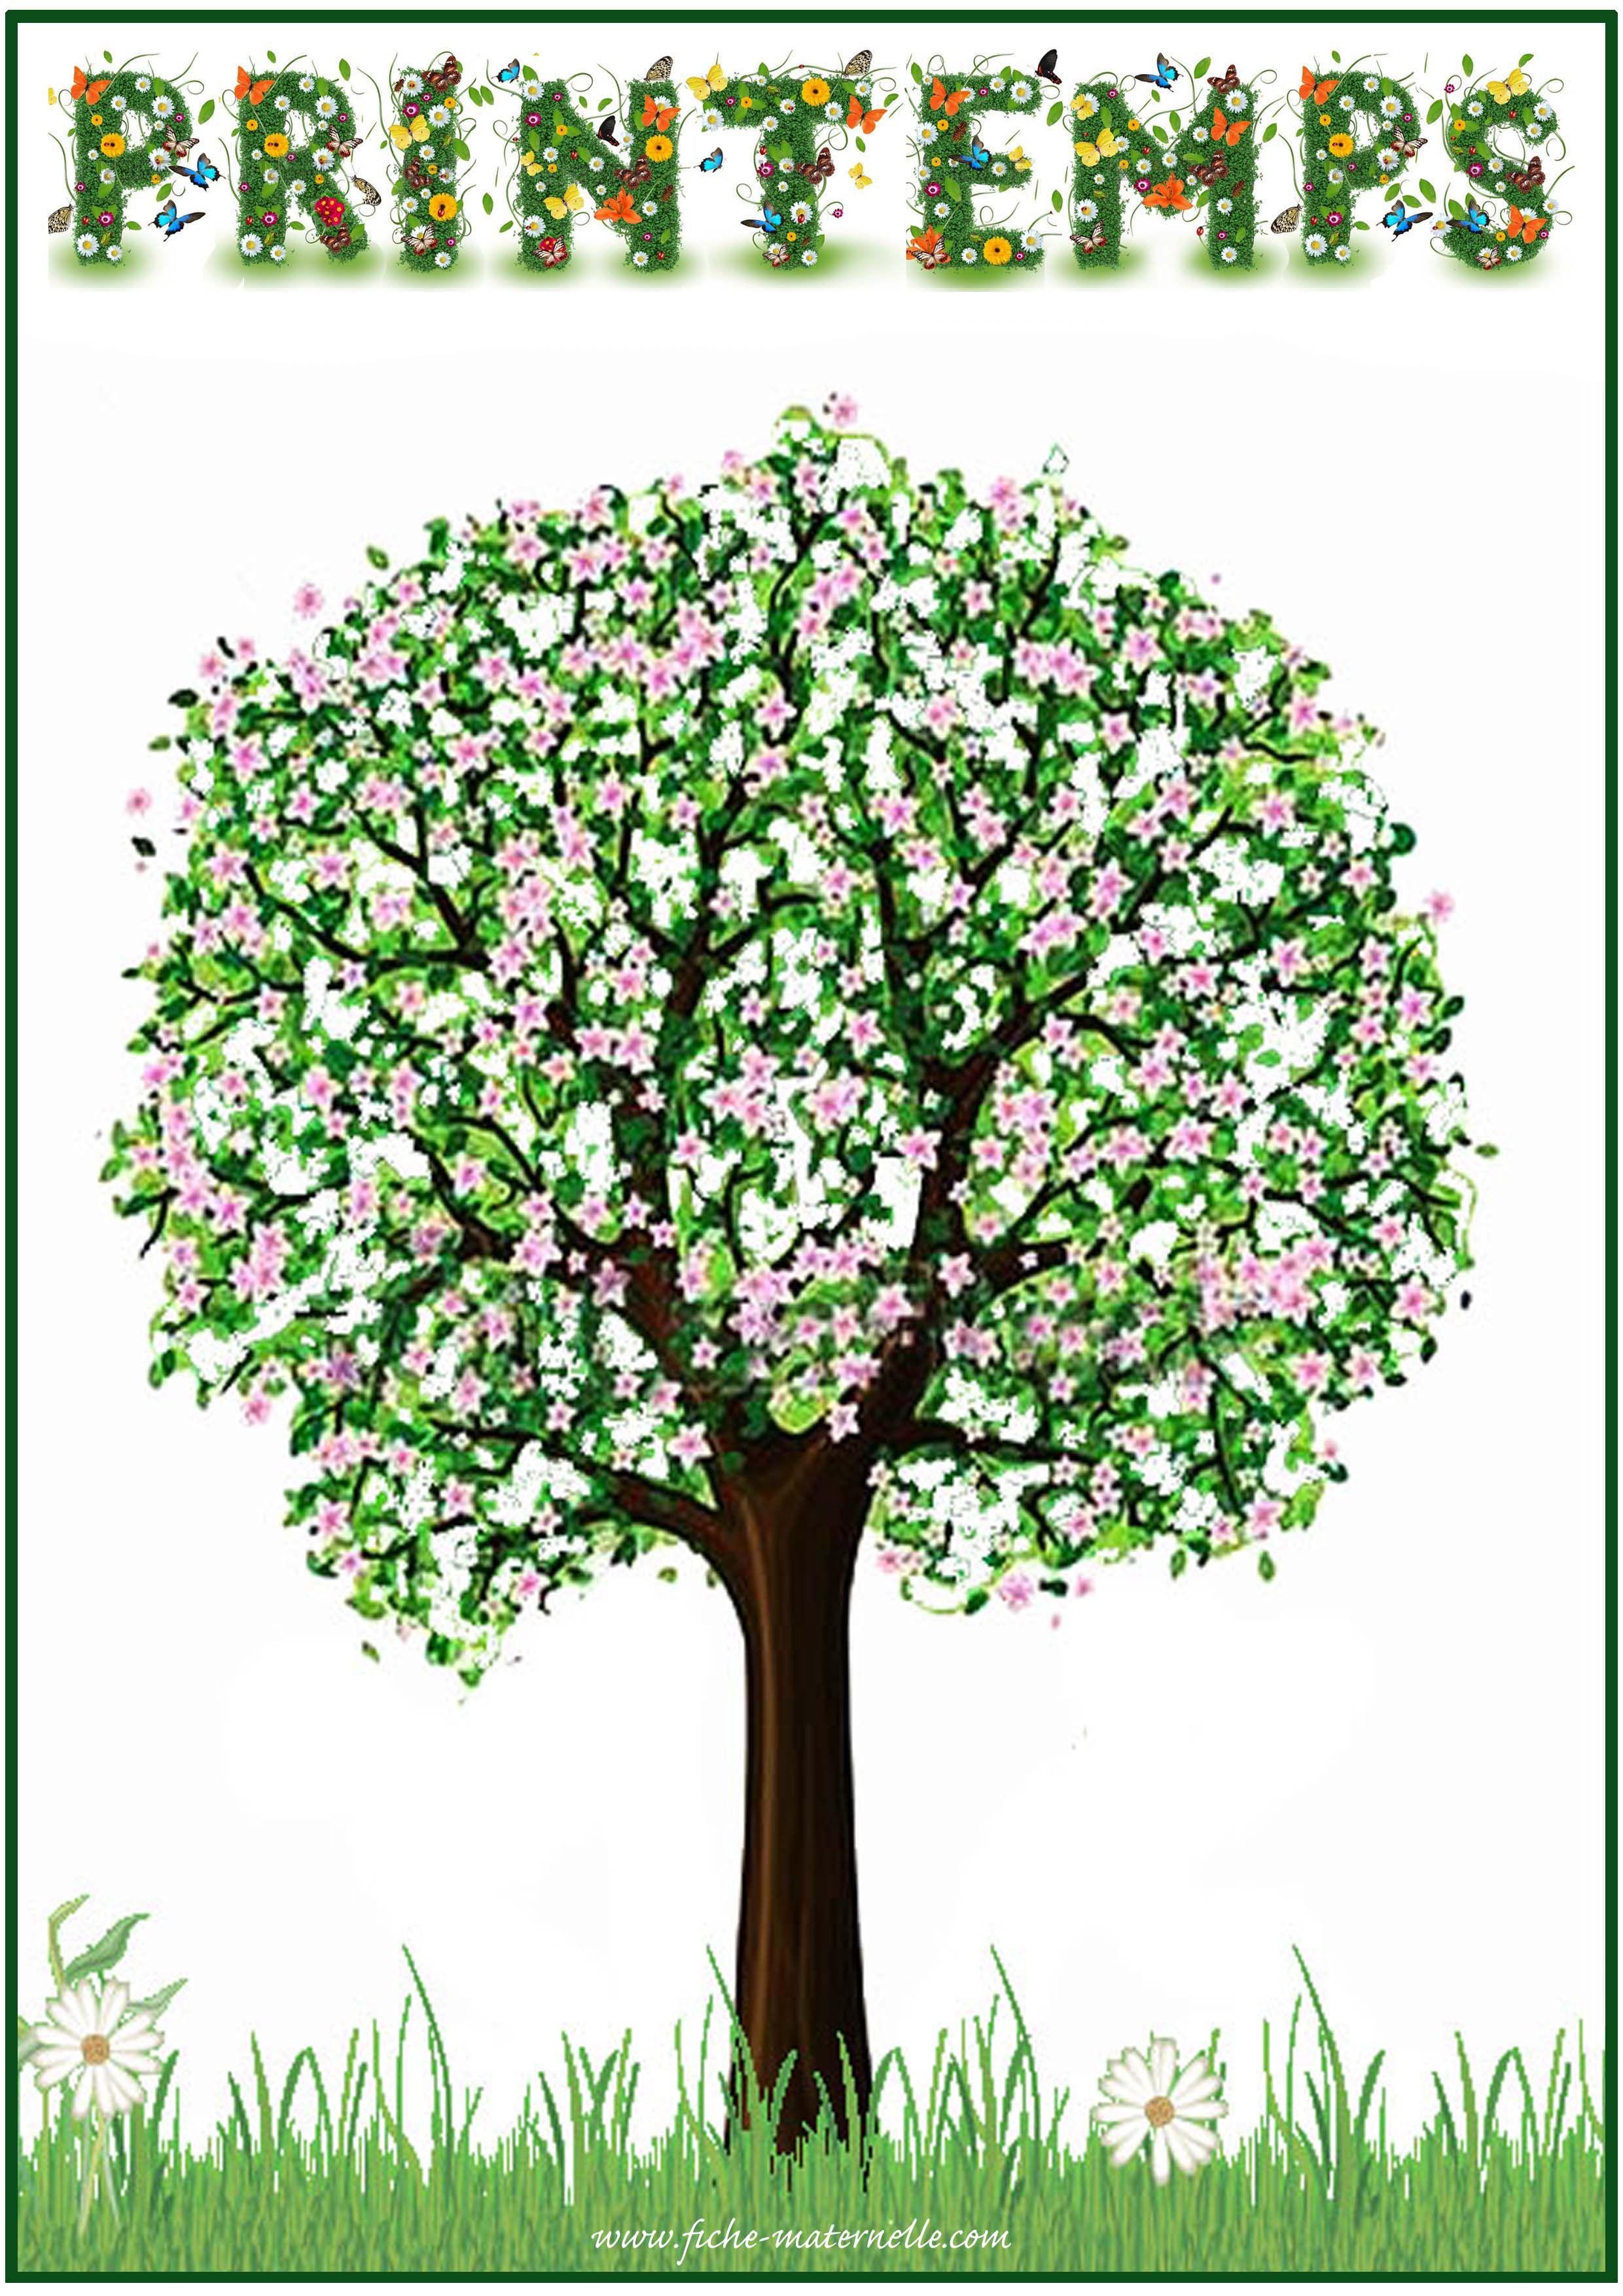 Affichage Des Saisons En Maternelle Saisons Maternelles Printemps Affichage Maternelle